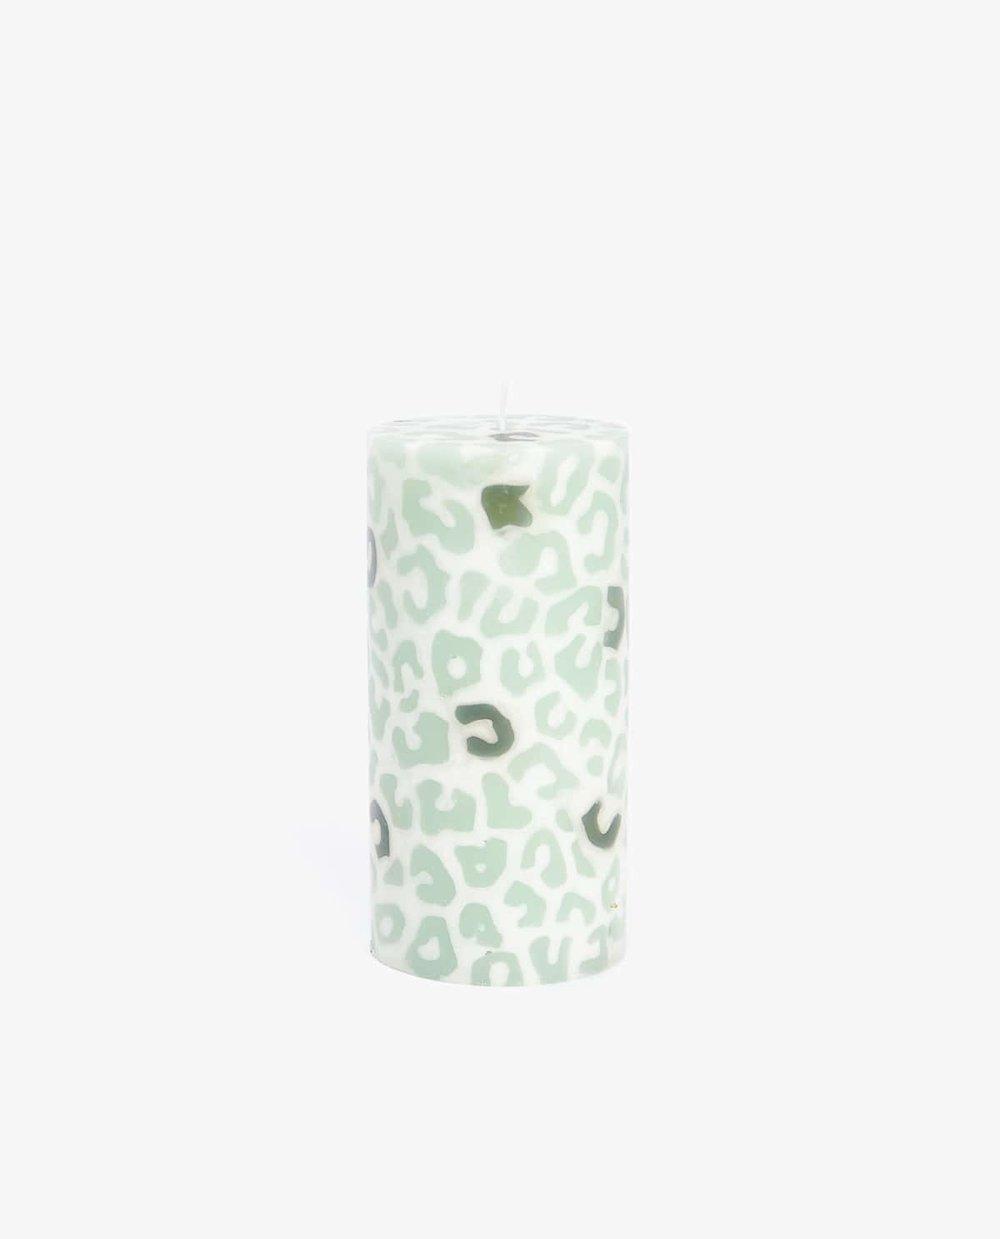 Zara Home - £14.99